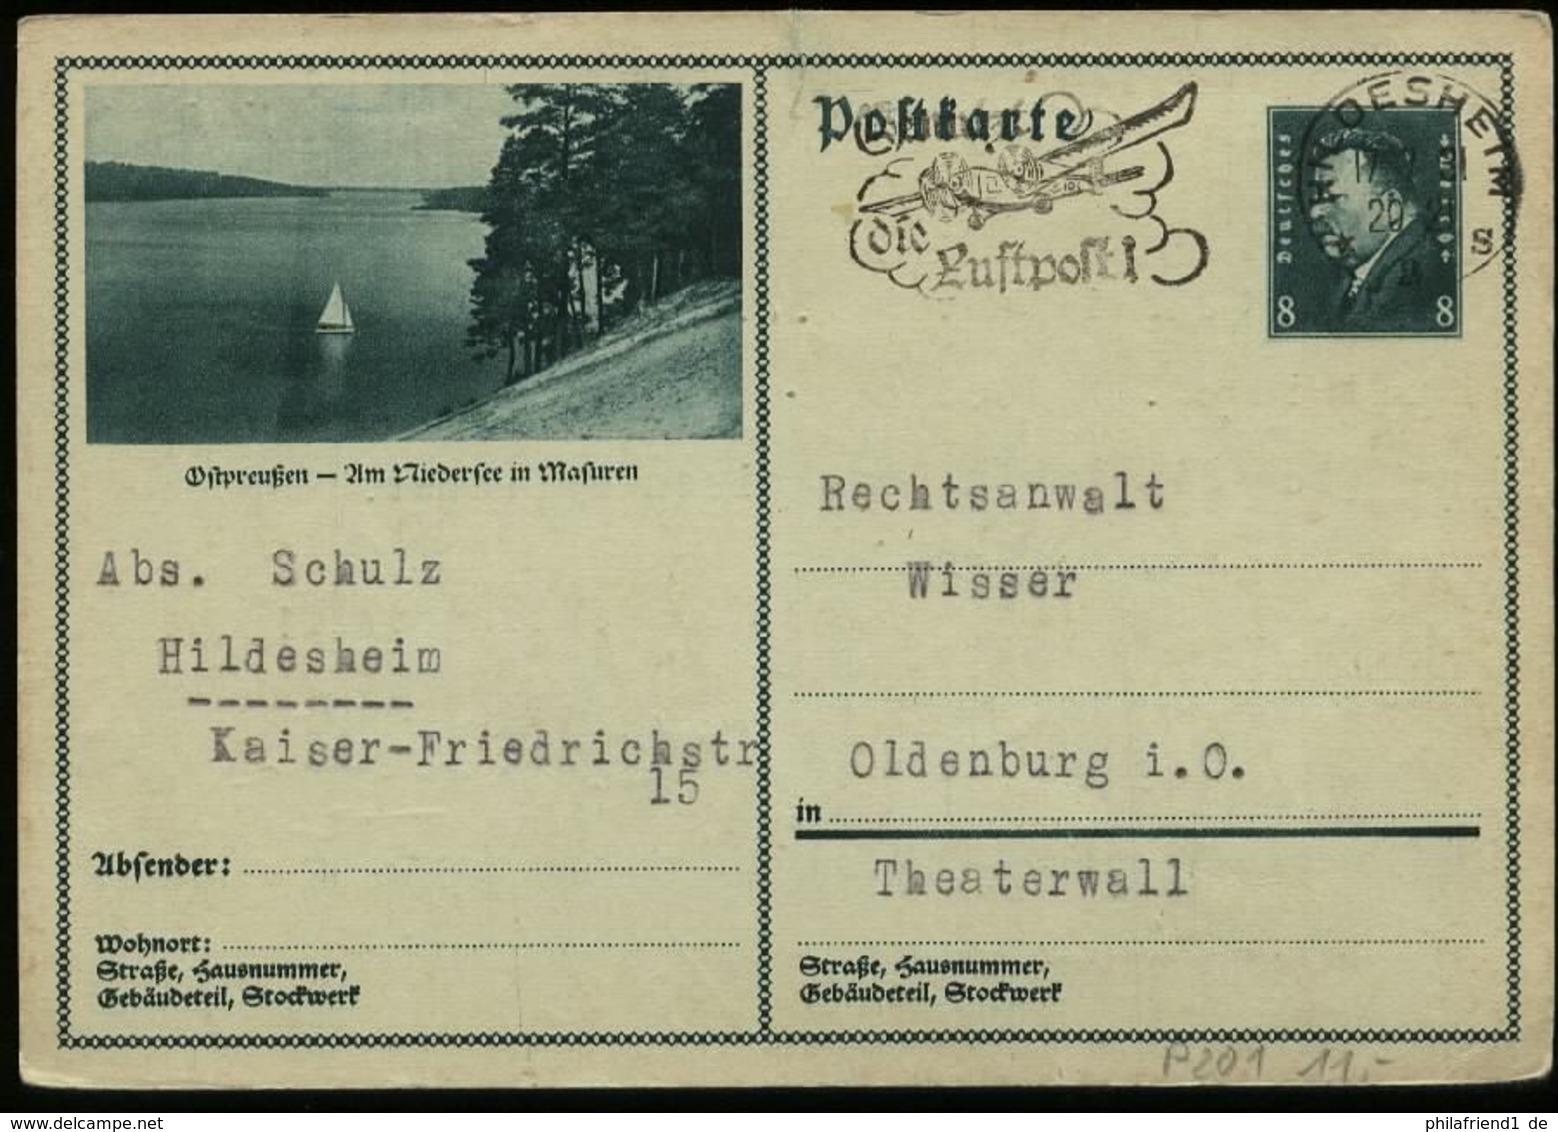 S5693 - DR GS Postkarte Mit Bild Ostpreussen Niedersee Masuren: Gebraucht Hildesheim - Oldenburg 1931 , Bedarfserhaltu - Ganzsachen